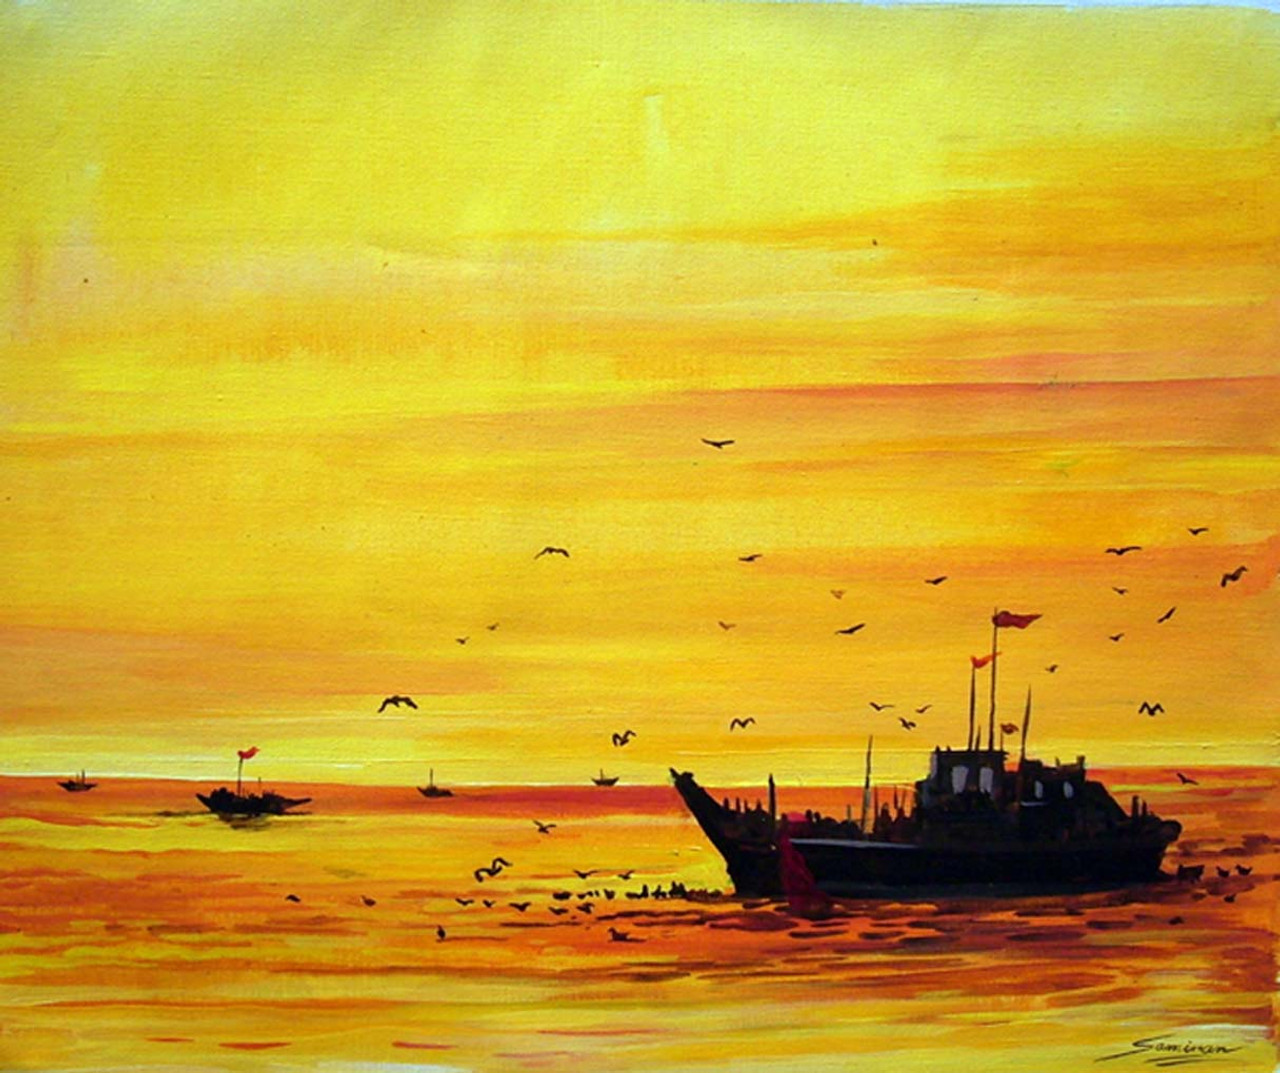 Buy Fishing Boats at Sunset Handmade Painting by SAMIRAN ...